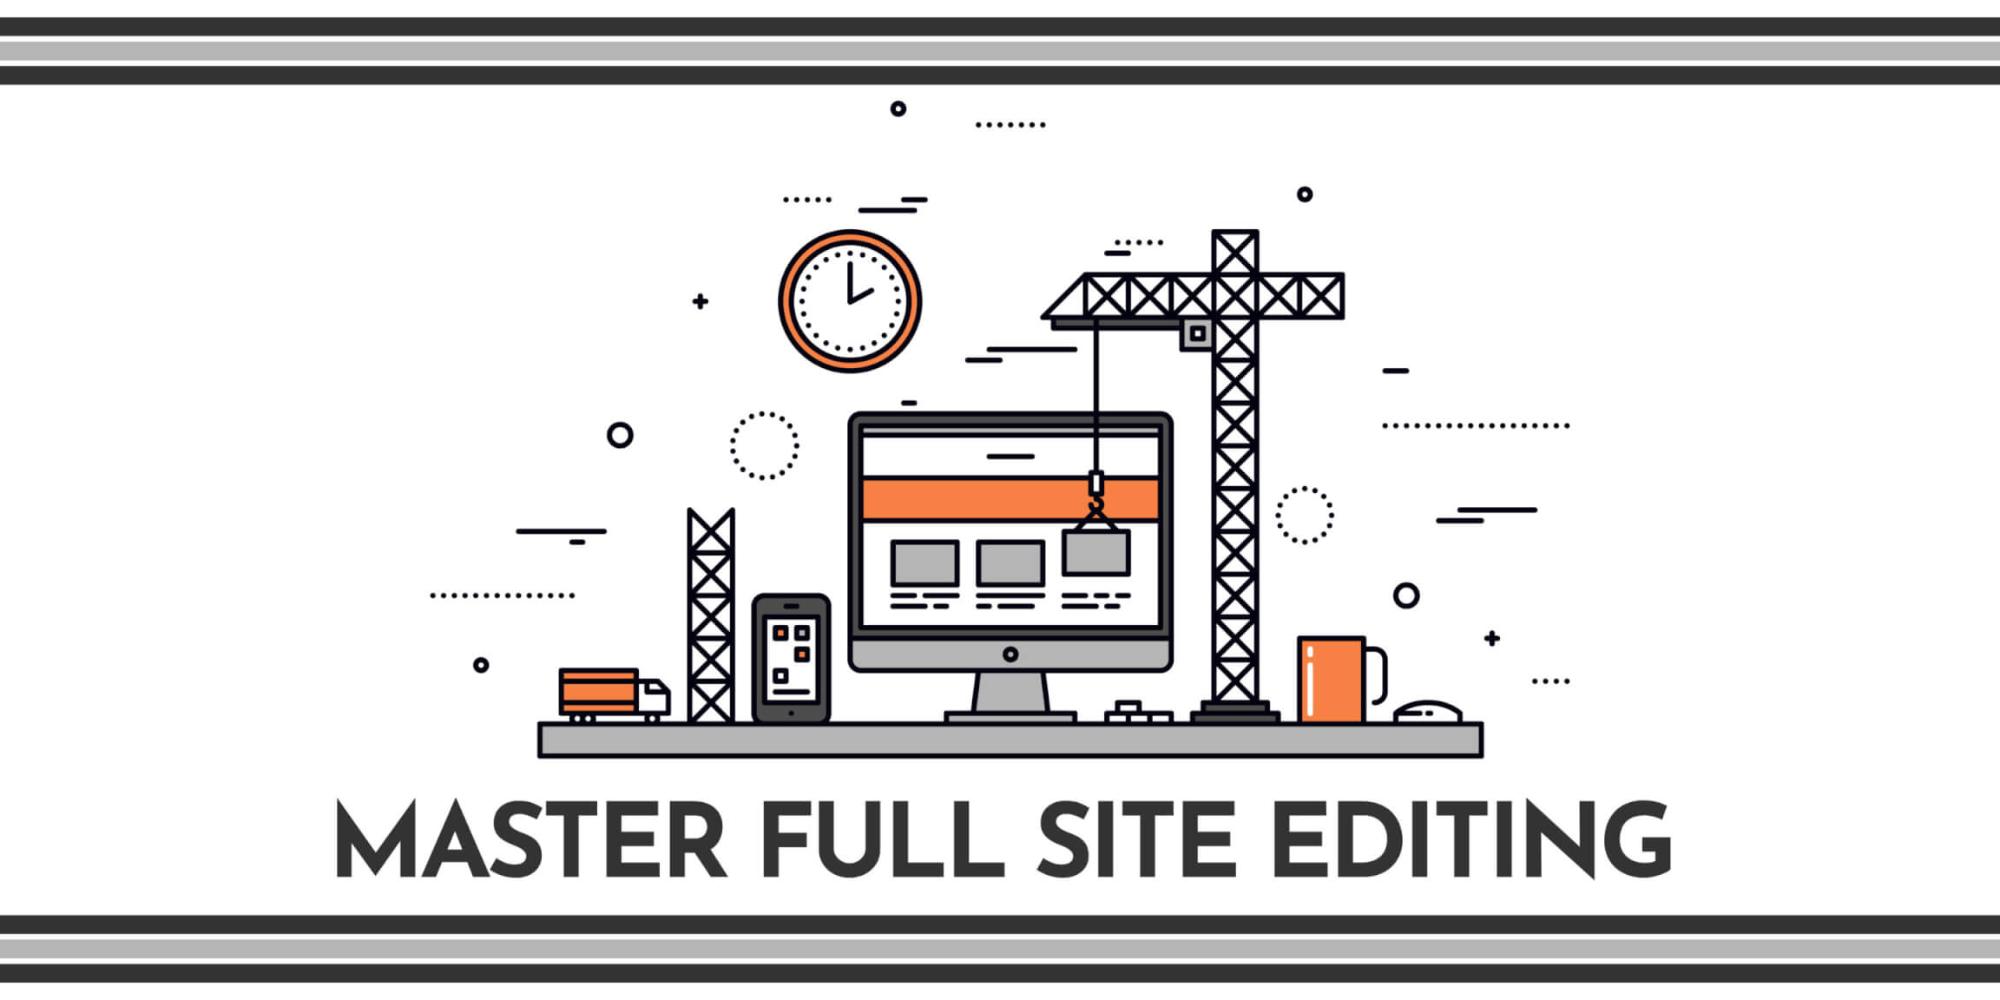 Master Full Site Editing